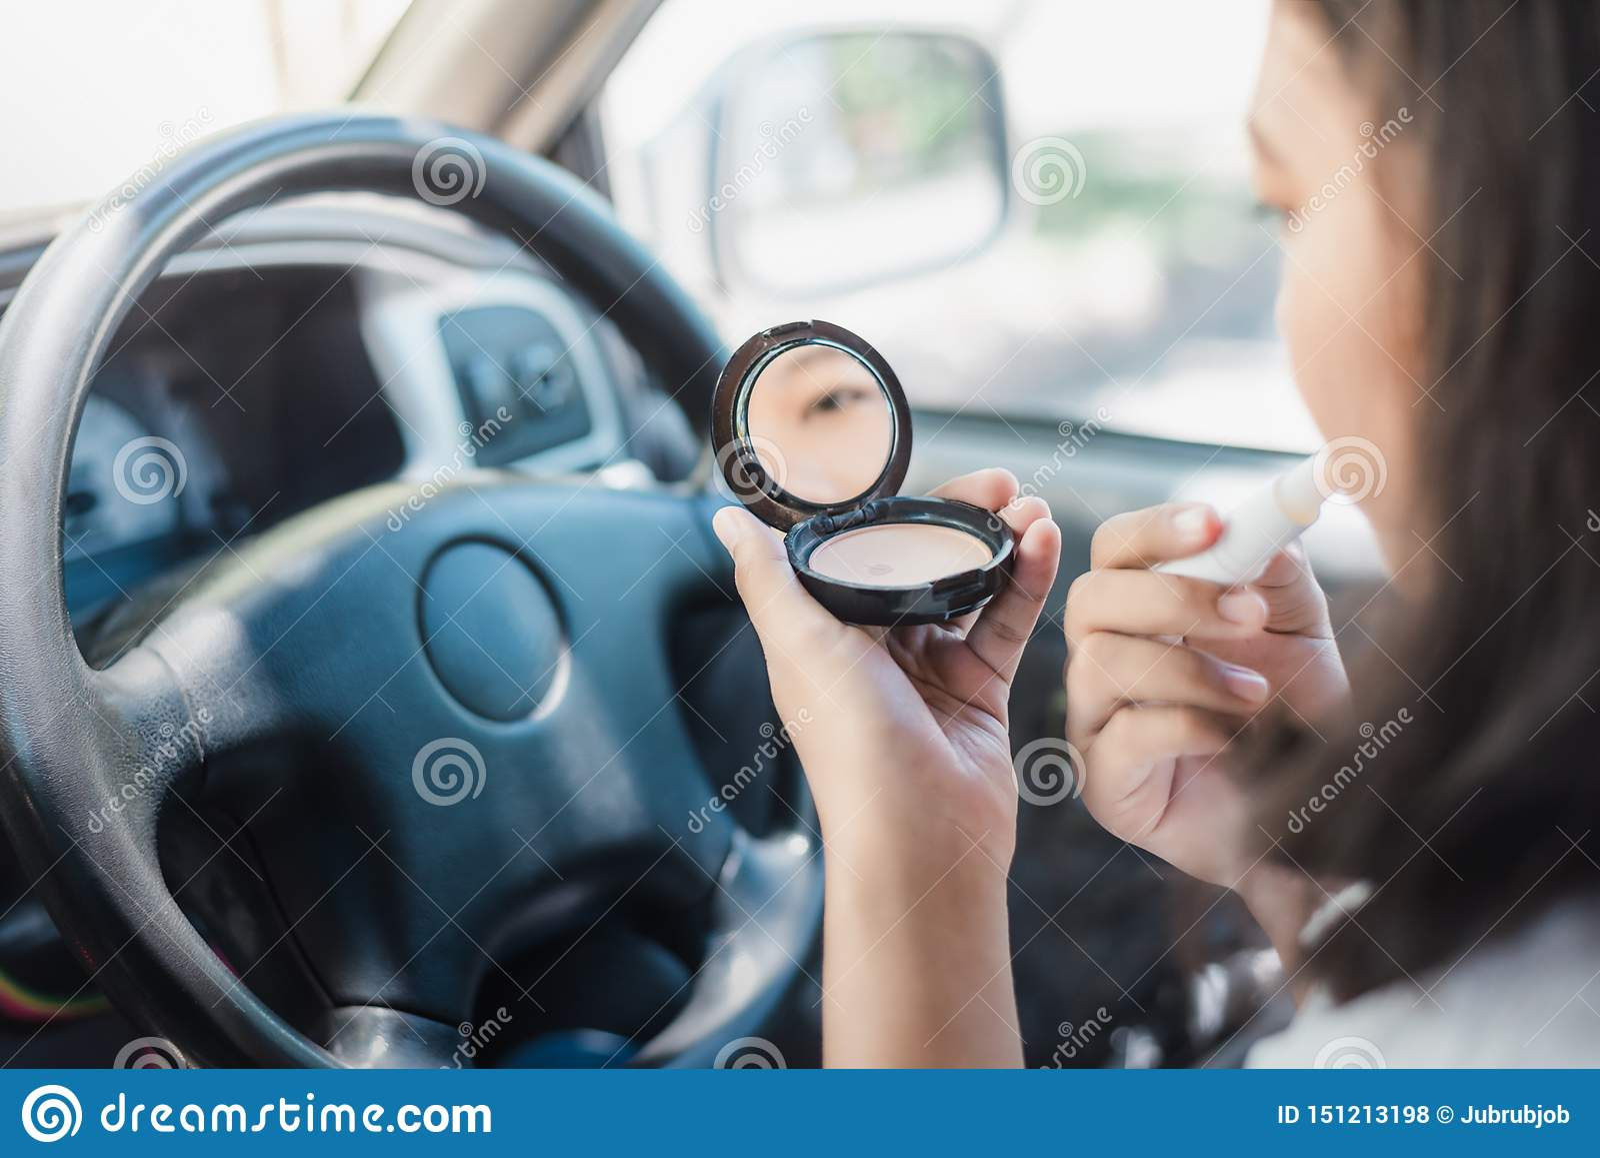 Fare della giovane donna compone in automobile, rossetto della pittura